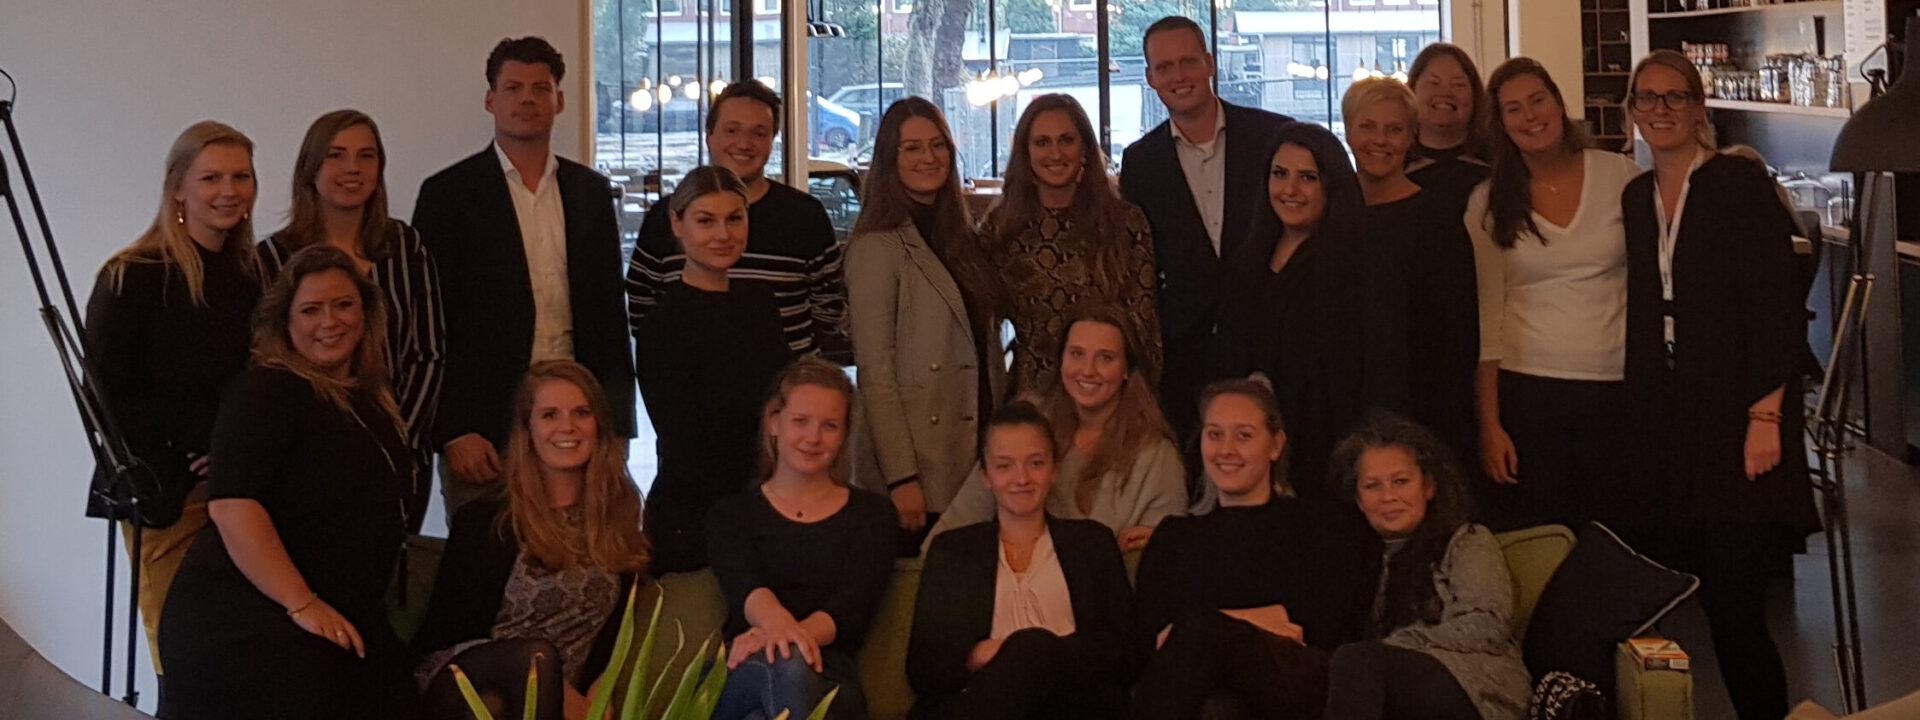 Meld je aan voor de Management Trainee Talent Day op 24 september 2021 in Utrecht